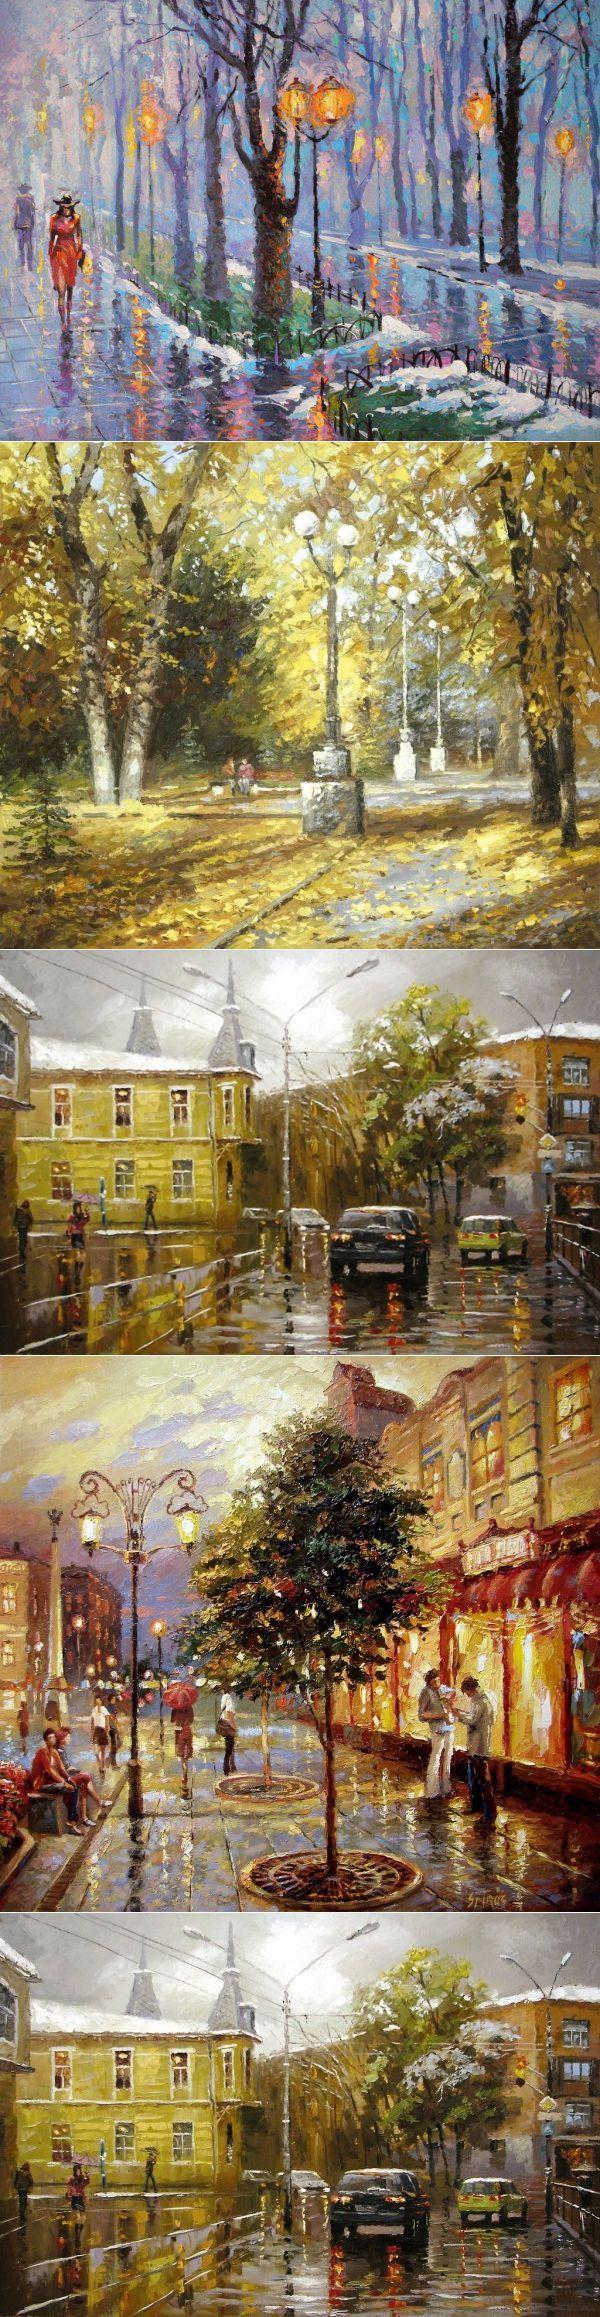 Невозможное возможно ~ Яркий импрессионизм Дмитрия Спироса (Dmitriy Spiros) | искусство | Постила